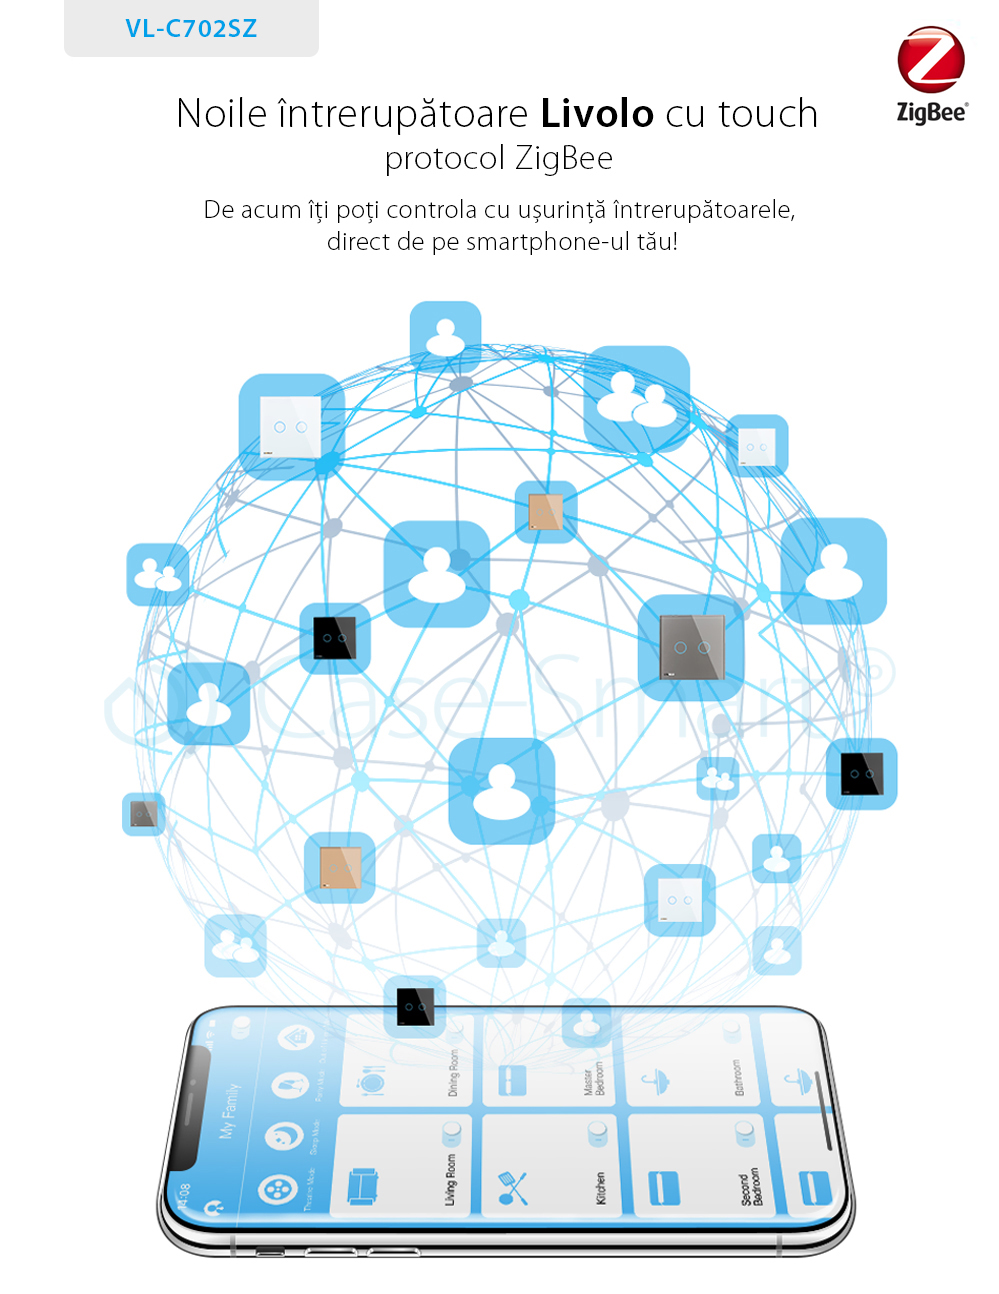 Intrerupator dublu cap-scara cap-cruce cu touch Livolo din sticla – protocol ZigBee, Control de pe telefonul mobil